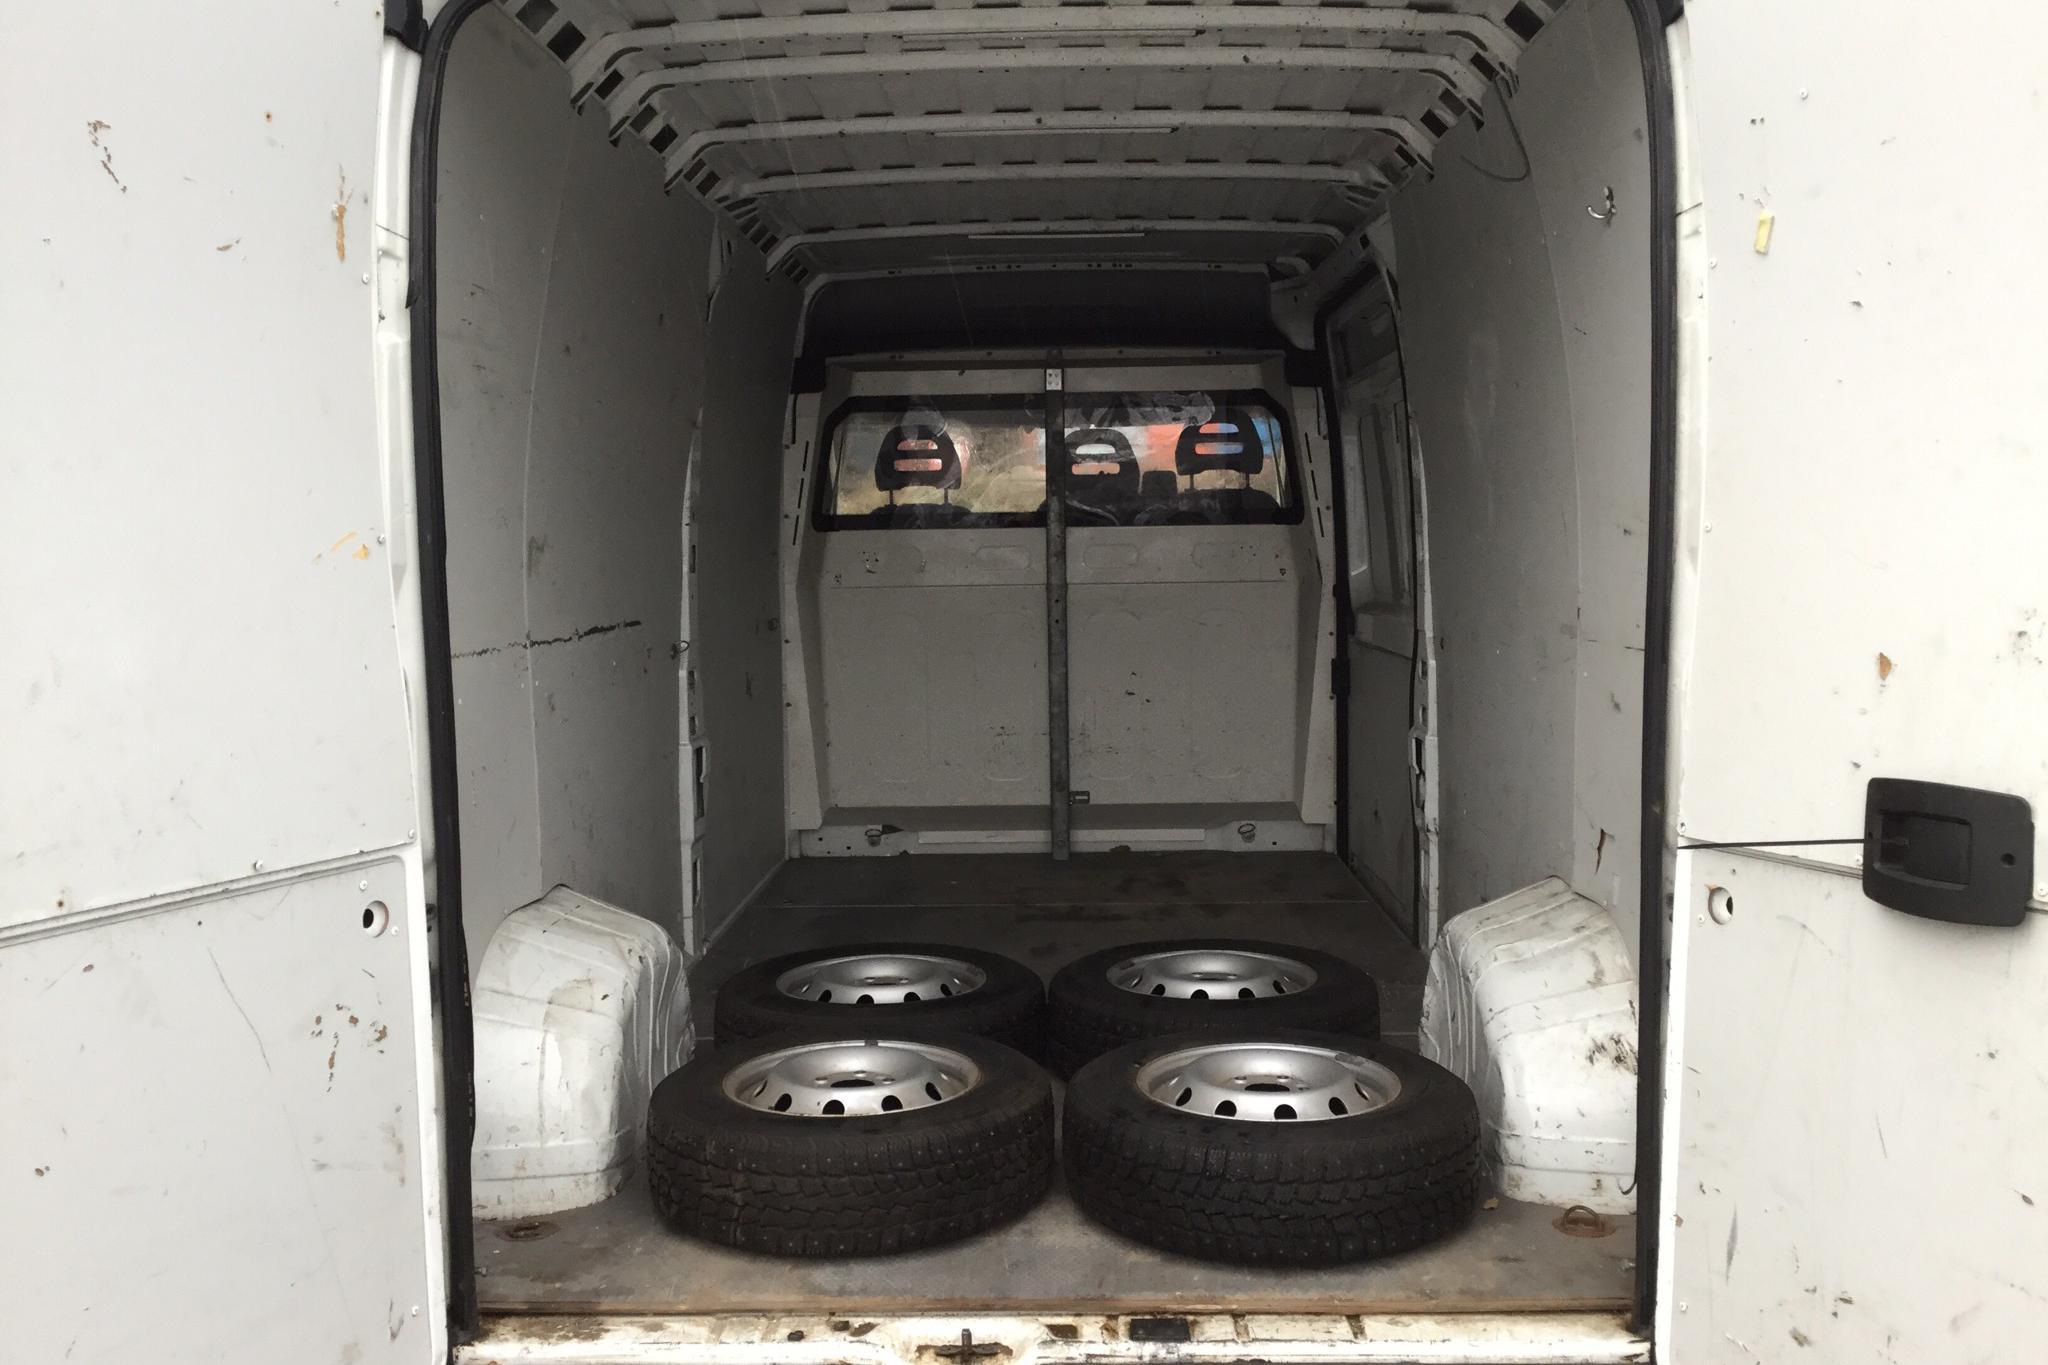 Peugeot Boxer 2.2 HDI Skåp (150hk) - 24 547 mil - Manuell - vit - 2012